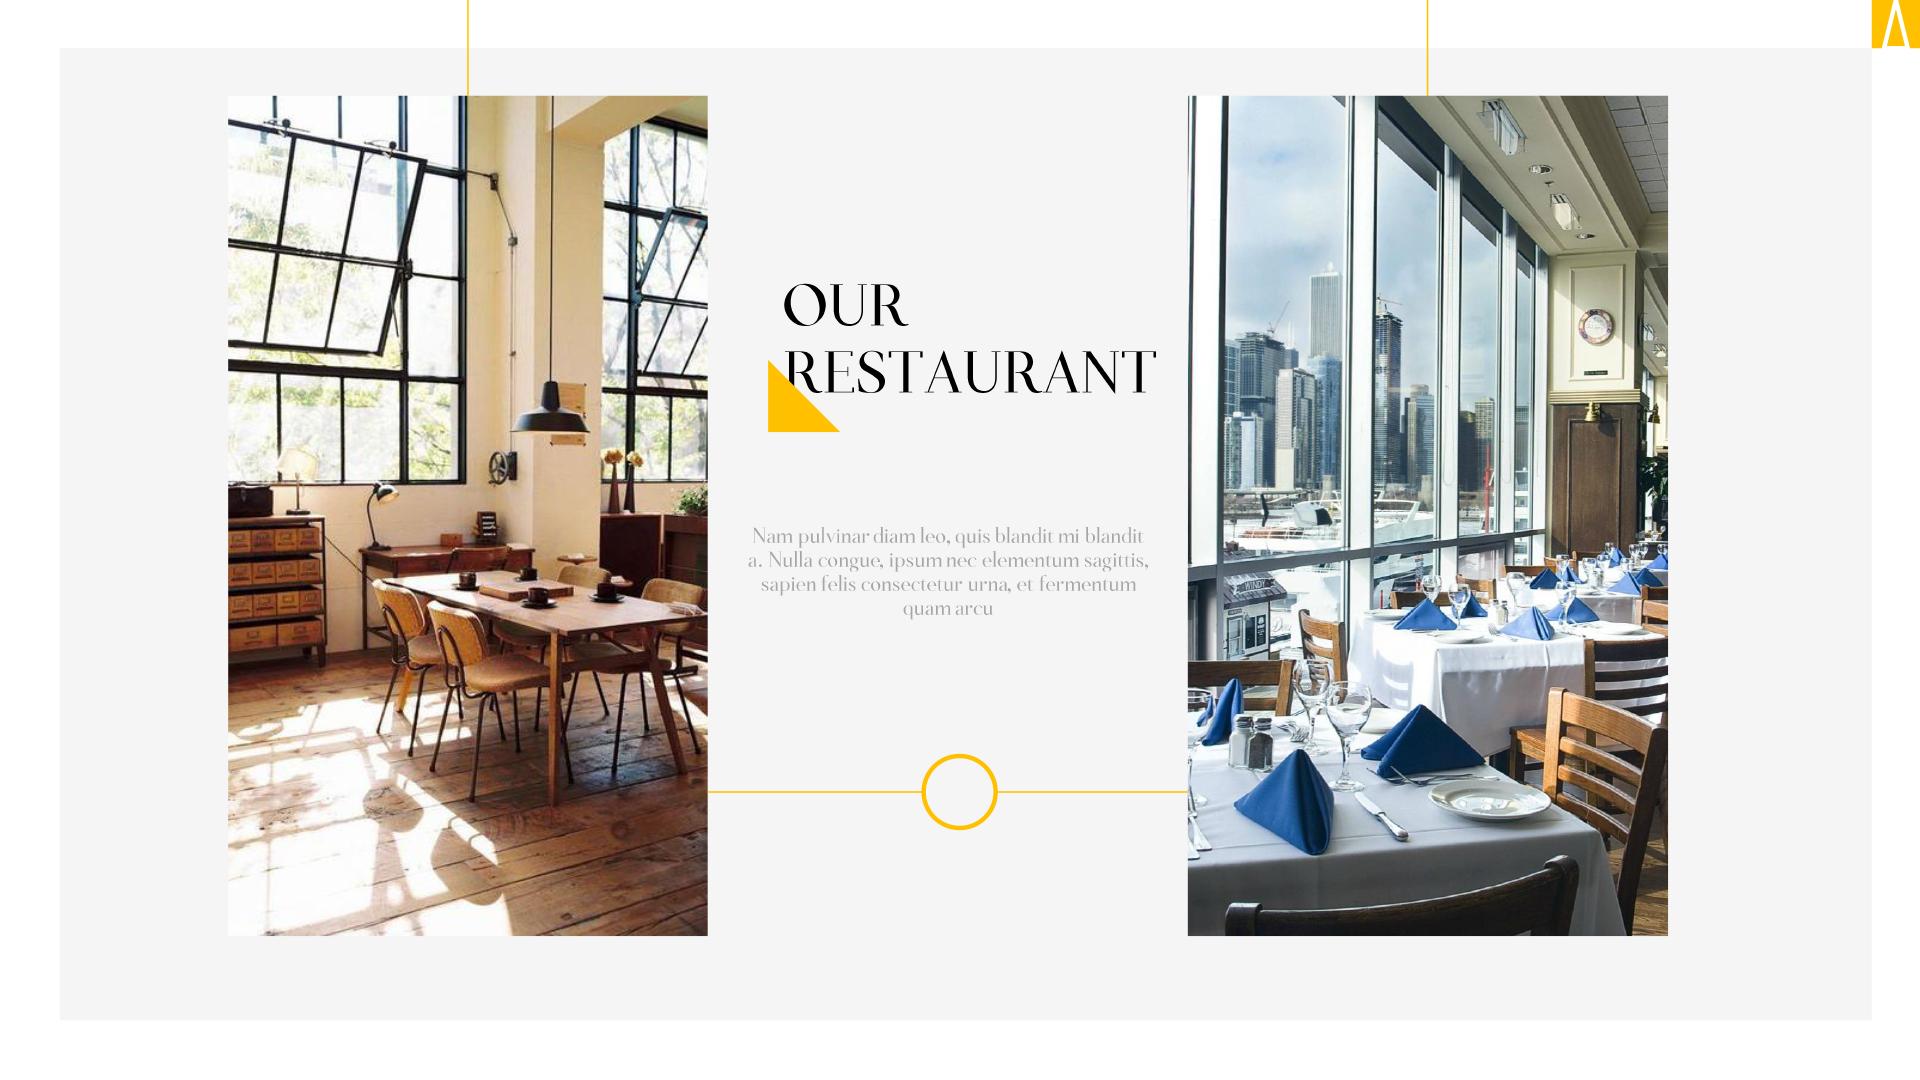 Hotel keynote presentation by qartwell graphicriver